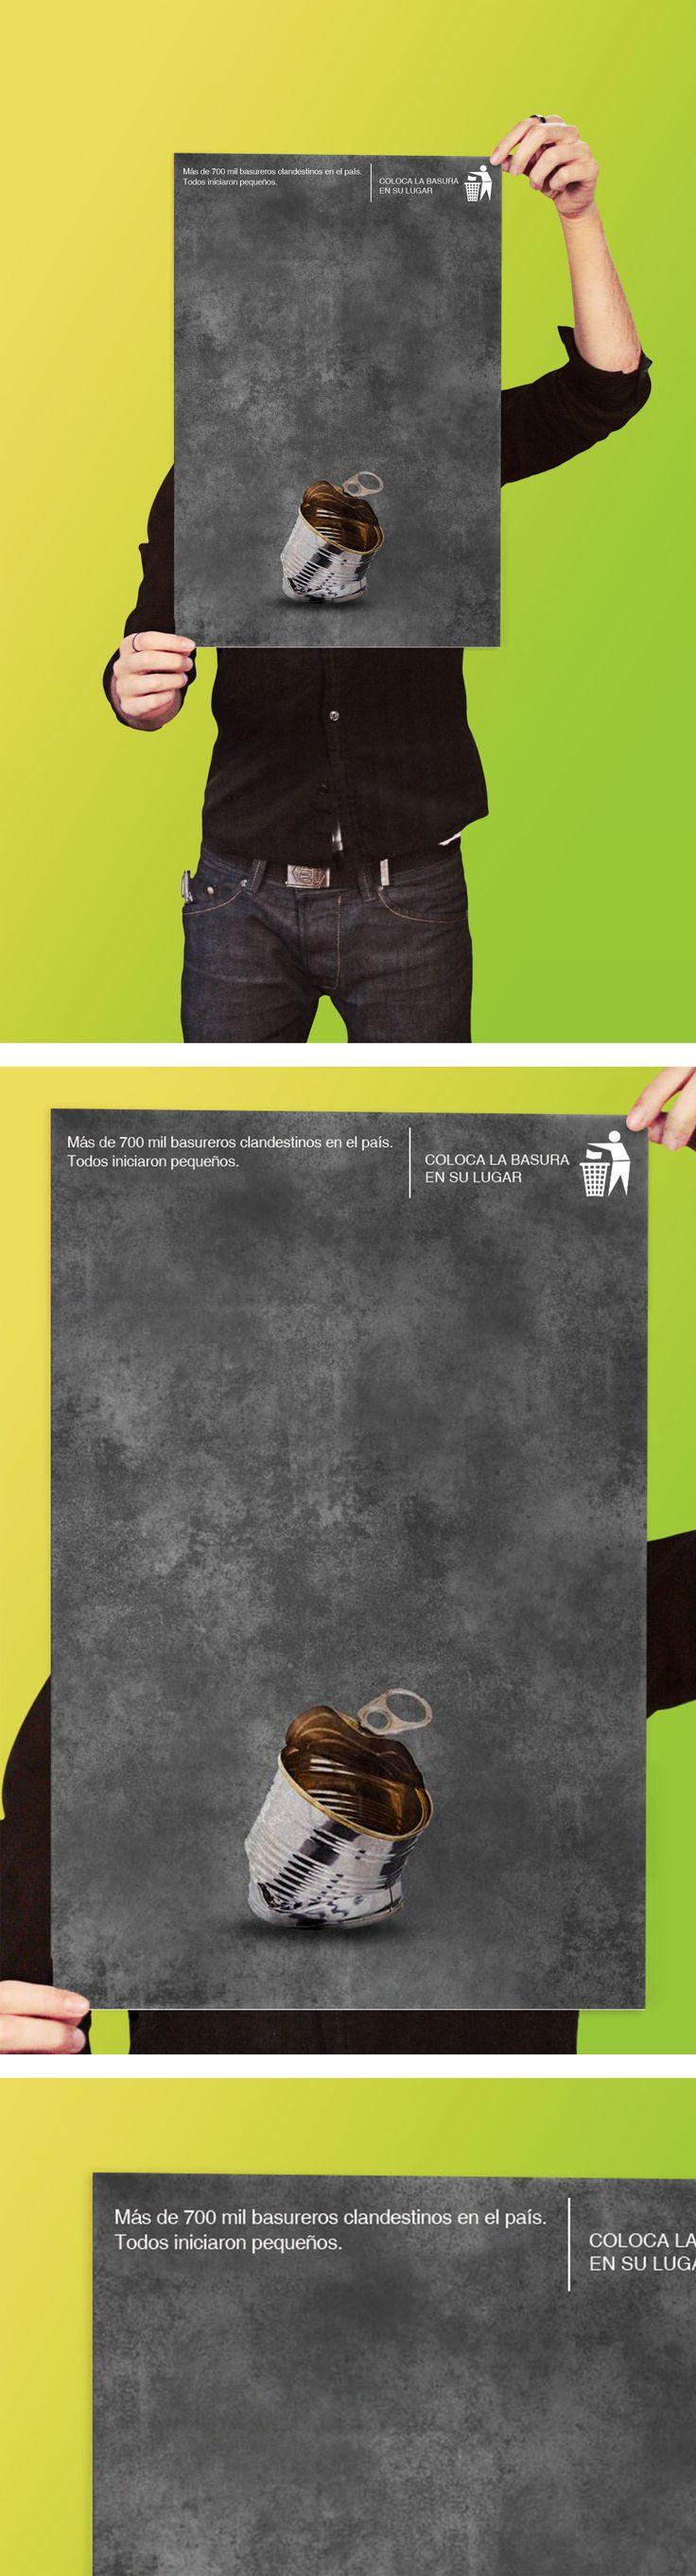 Afiche de reciclaje creado para hacer conciencia sobre los problemas de basura y contaminación en el país. A través de un diseño minimalista se evoca cómo algo tan pequeño puede convertirse en un problema para todos.